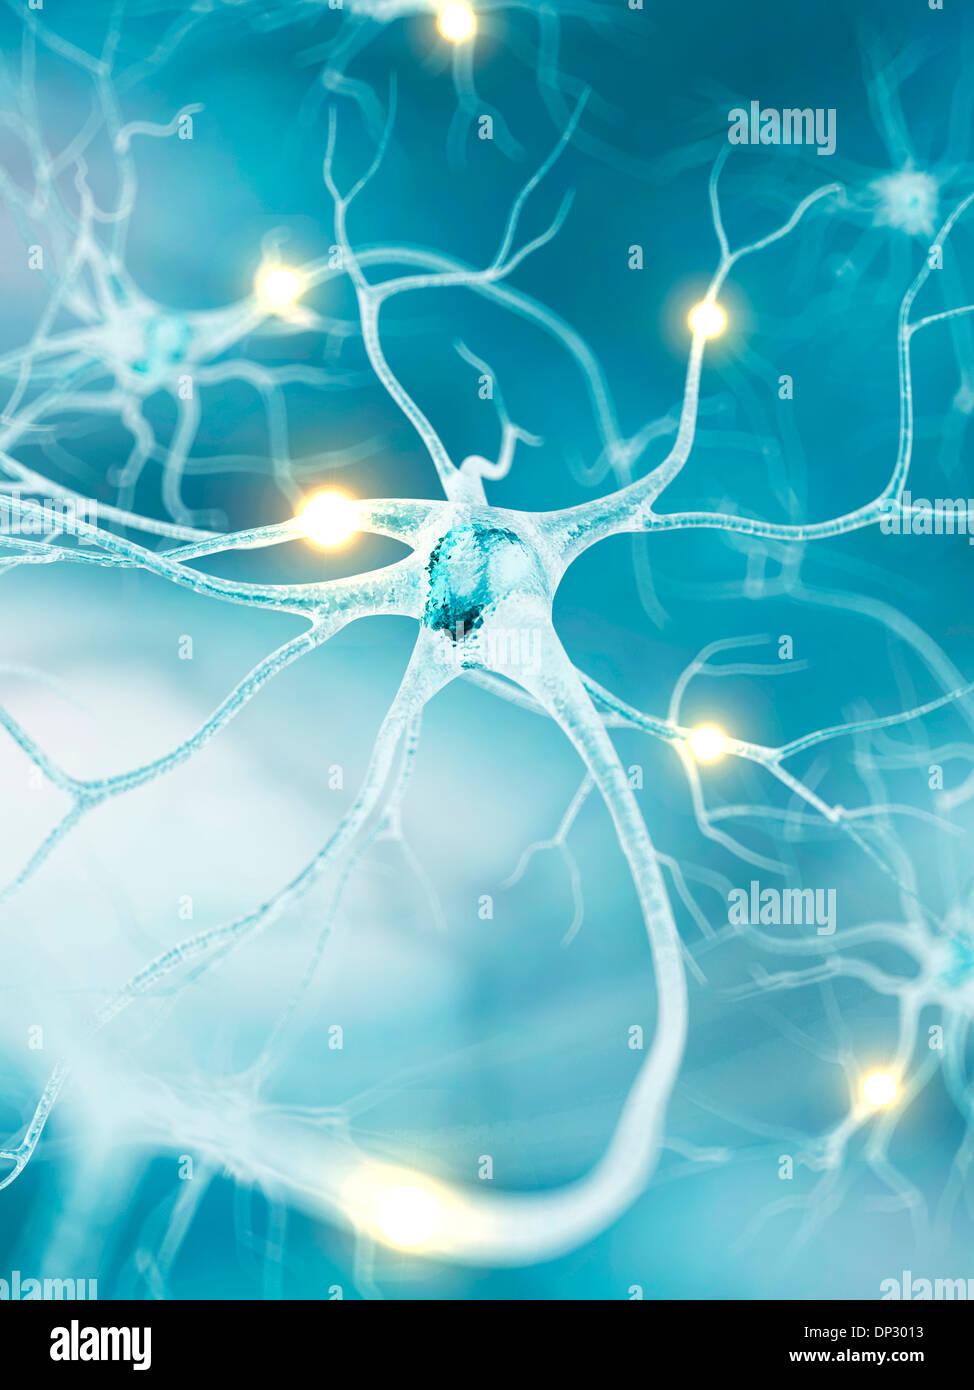 Aktive Nervenzellen, artwork Stockbild